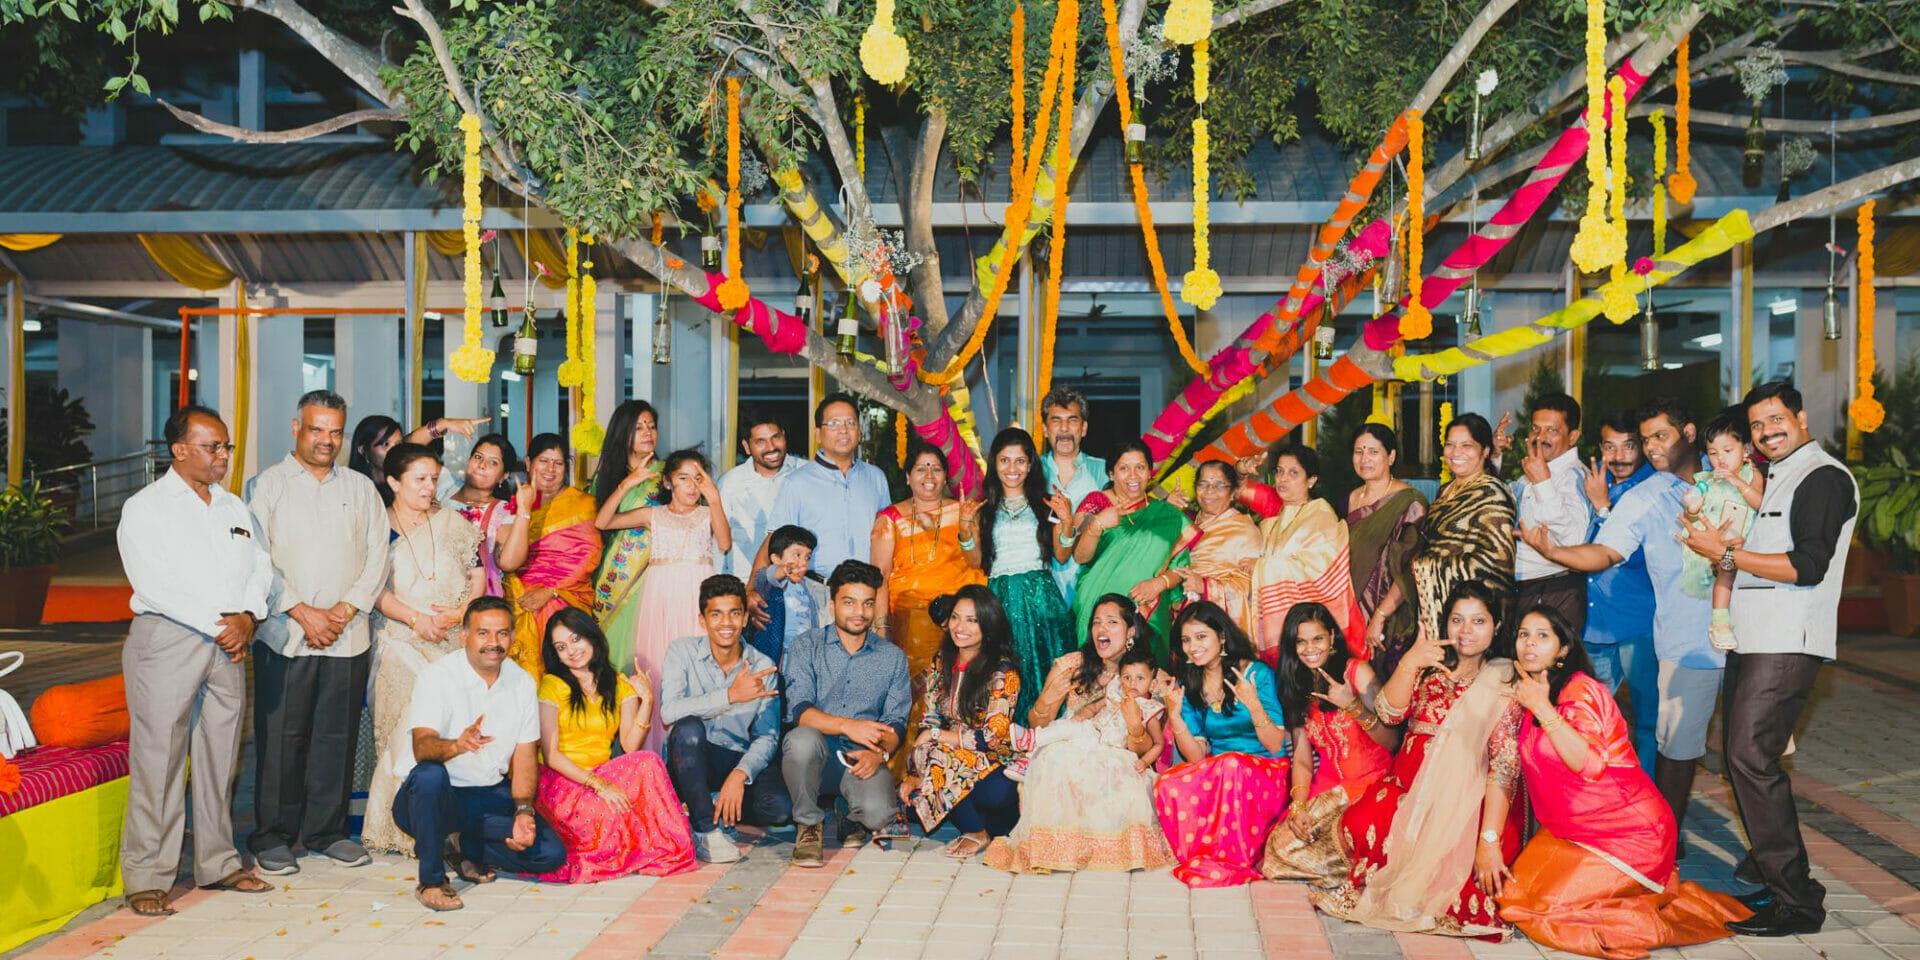 shruti annayya sree vikash photography mehandi sangeeth kalathur gardens 20